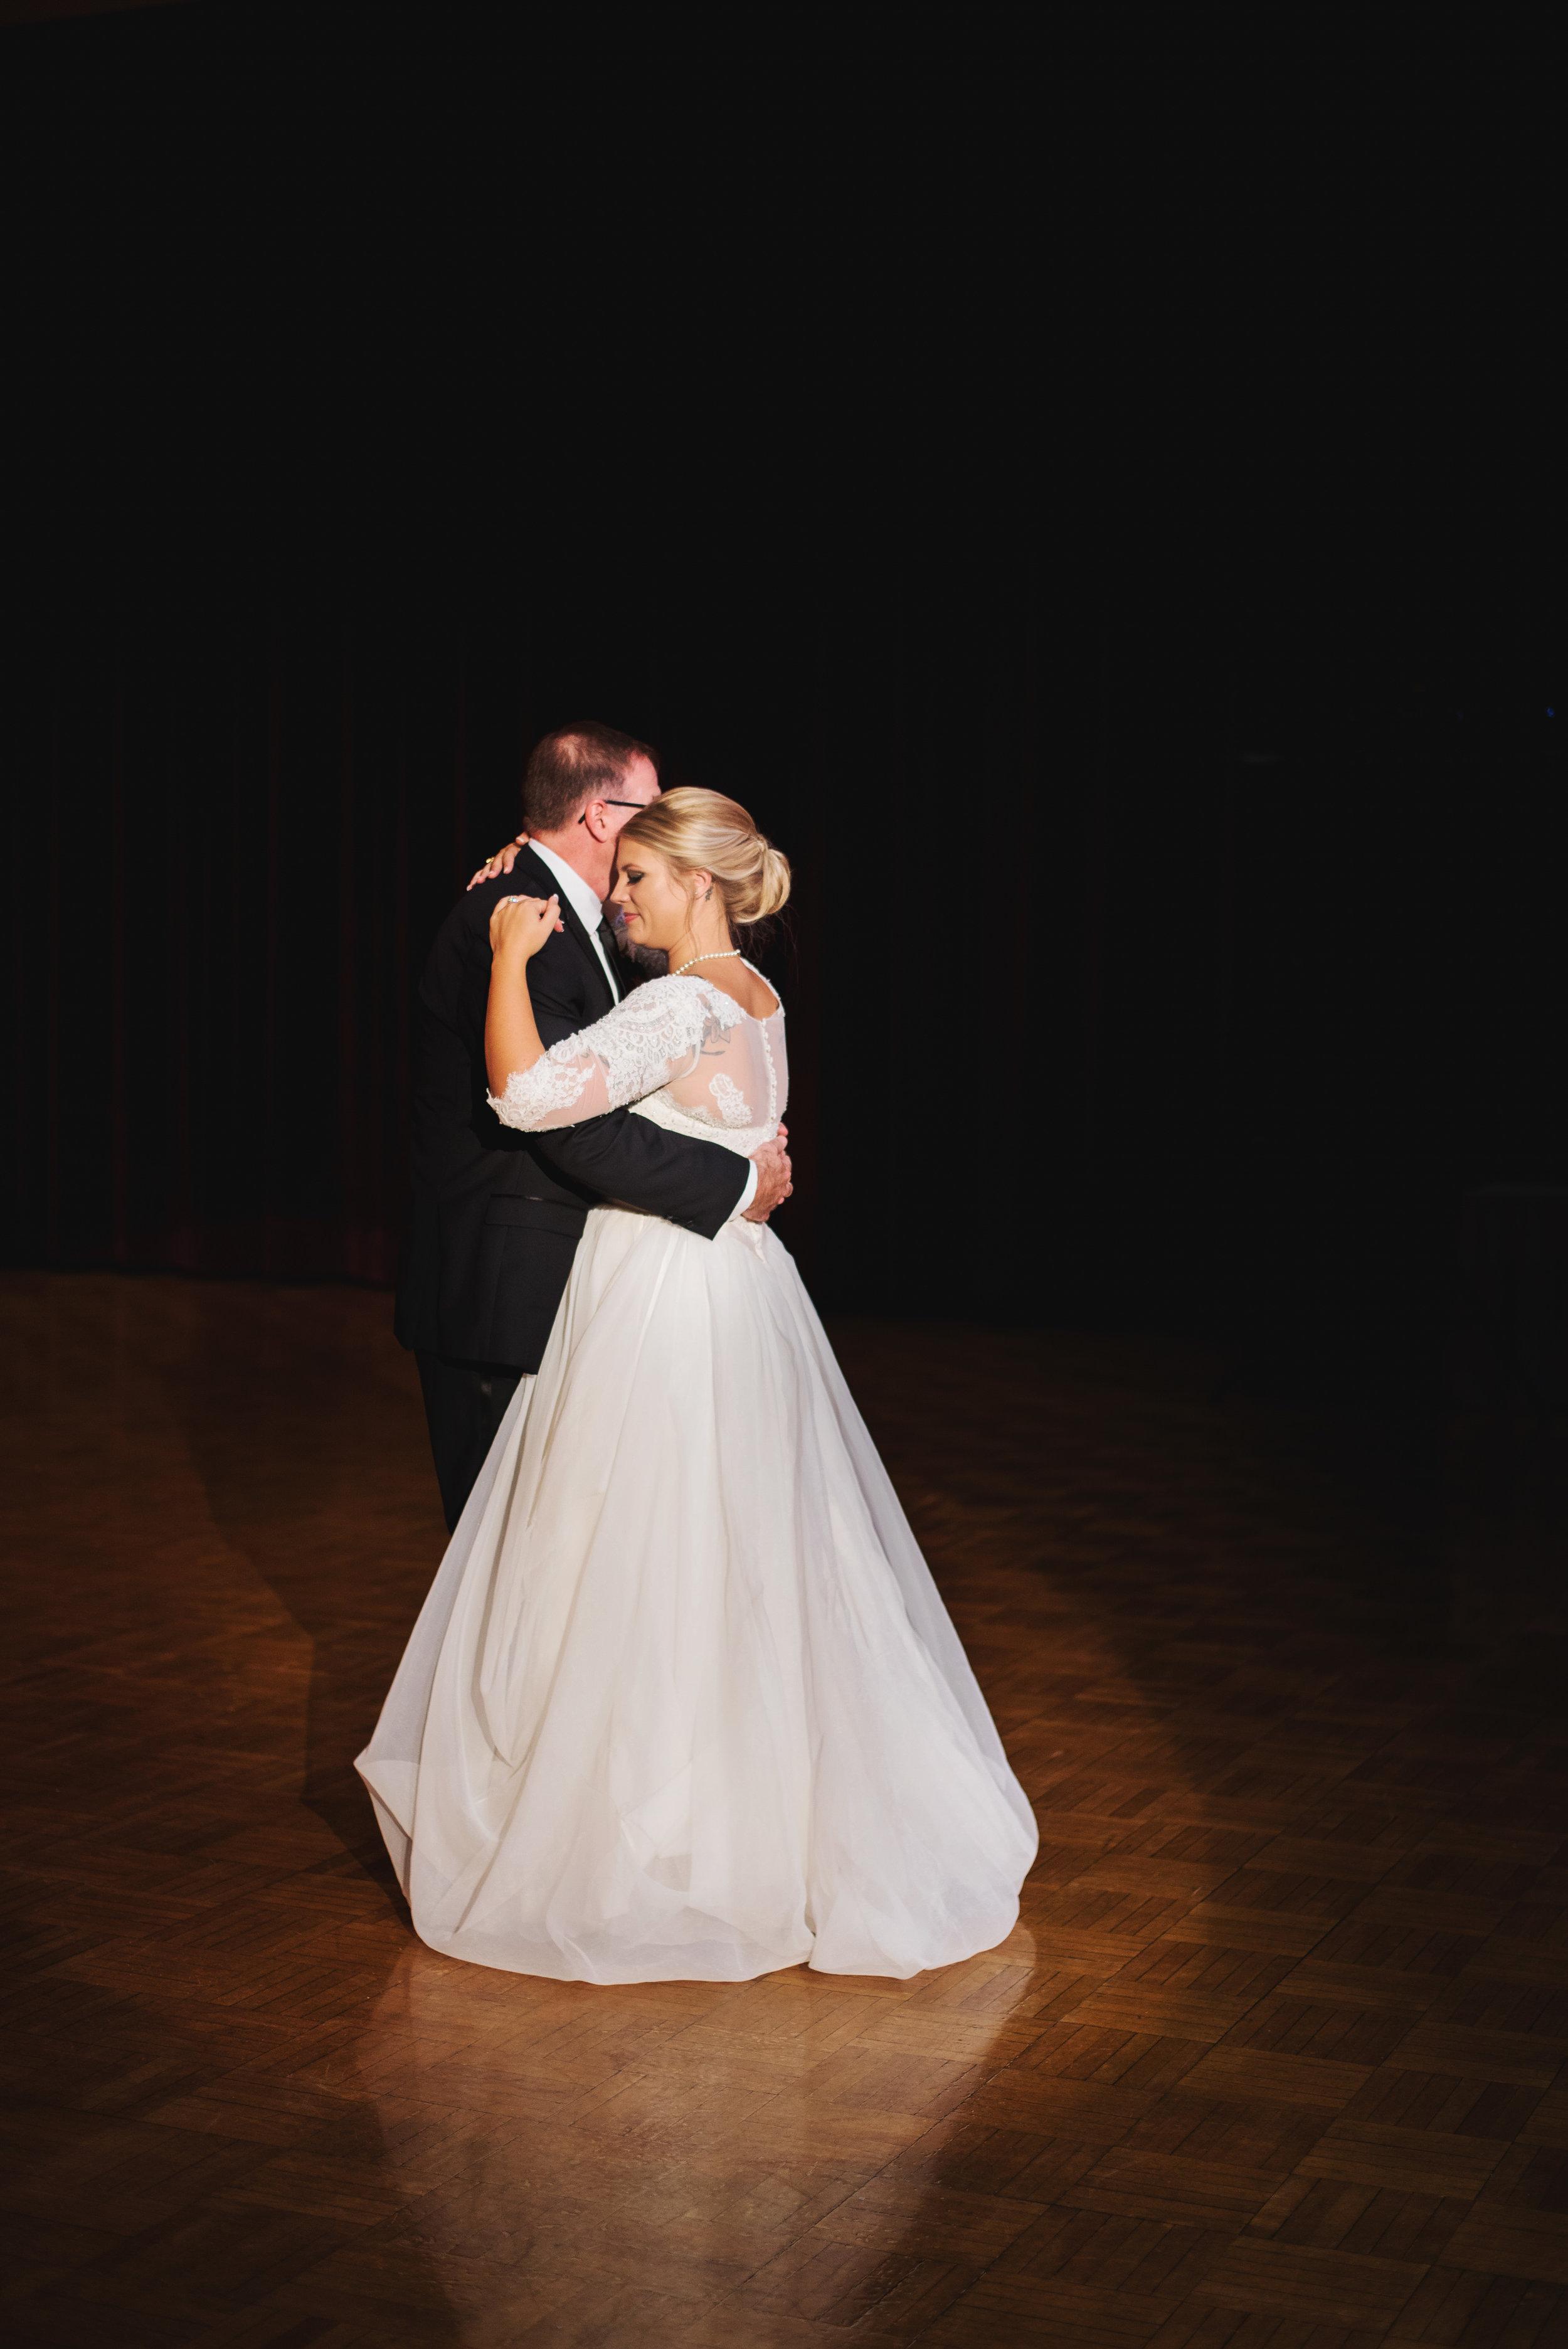 King-Northern-Illinois-University-Wedding134.jpg